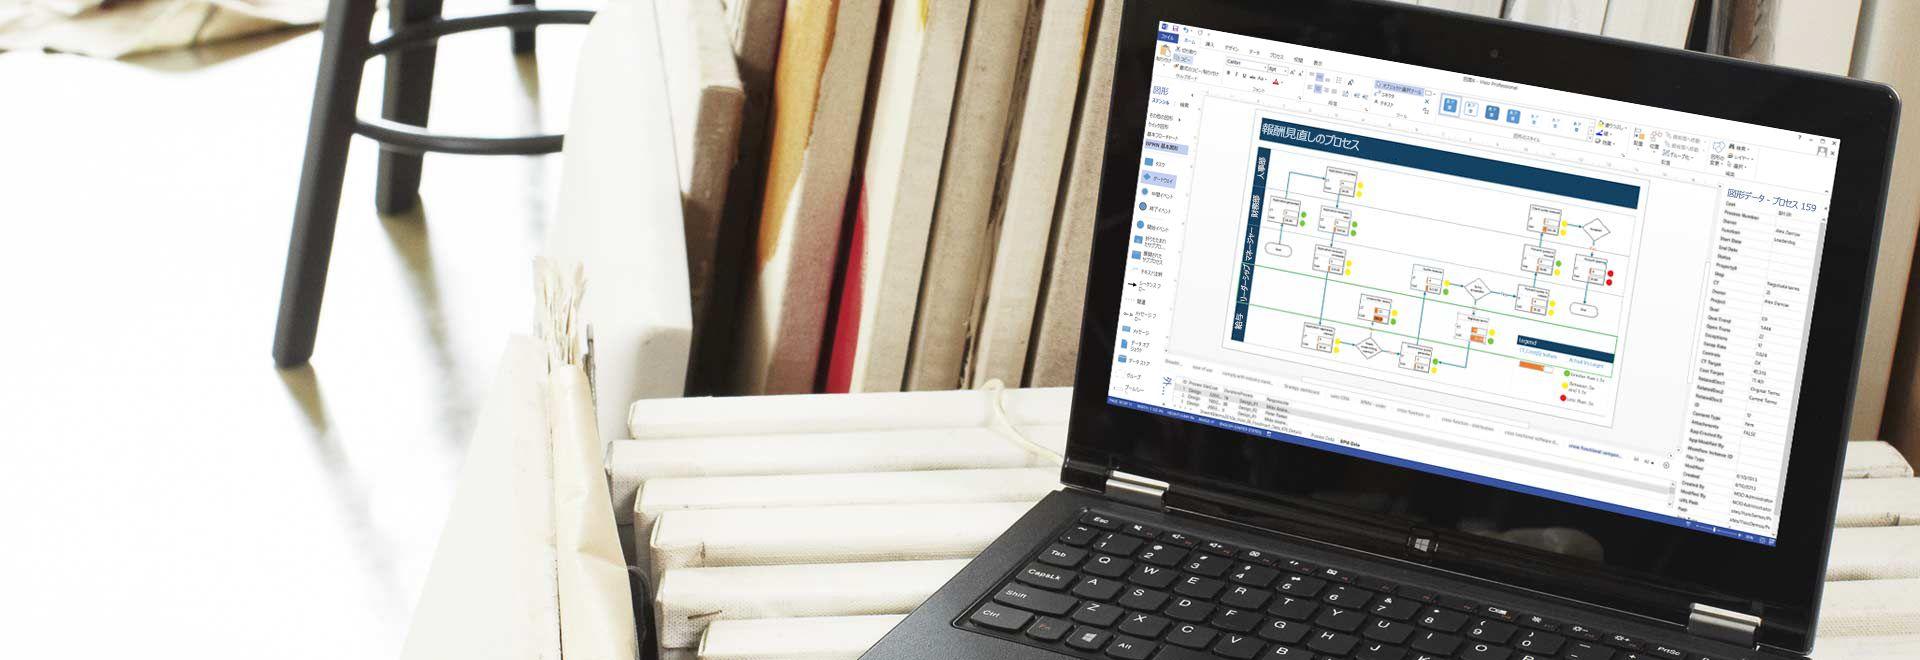 Visio Pro for Office 365 の画像でプロセス ワークフロー図を表示したノート PC